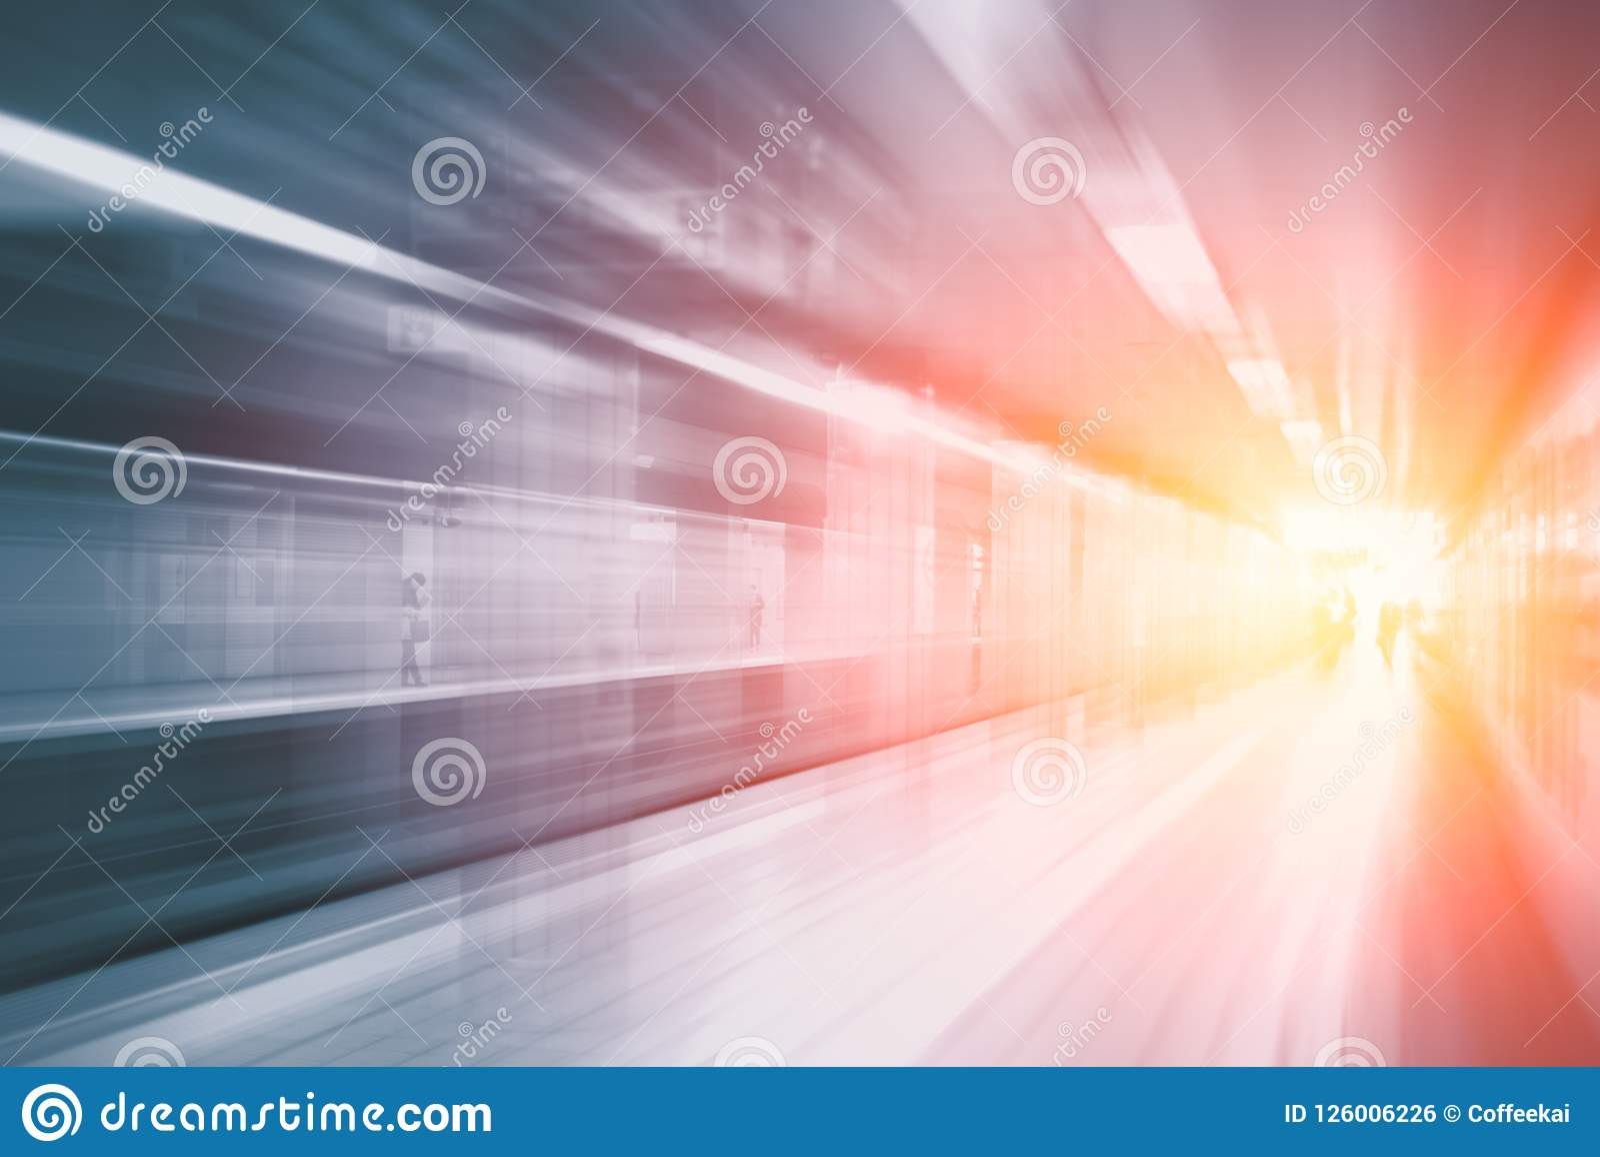 Borrão de movimento rápido rápido super da aceleração do estação de caminhos de ferro